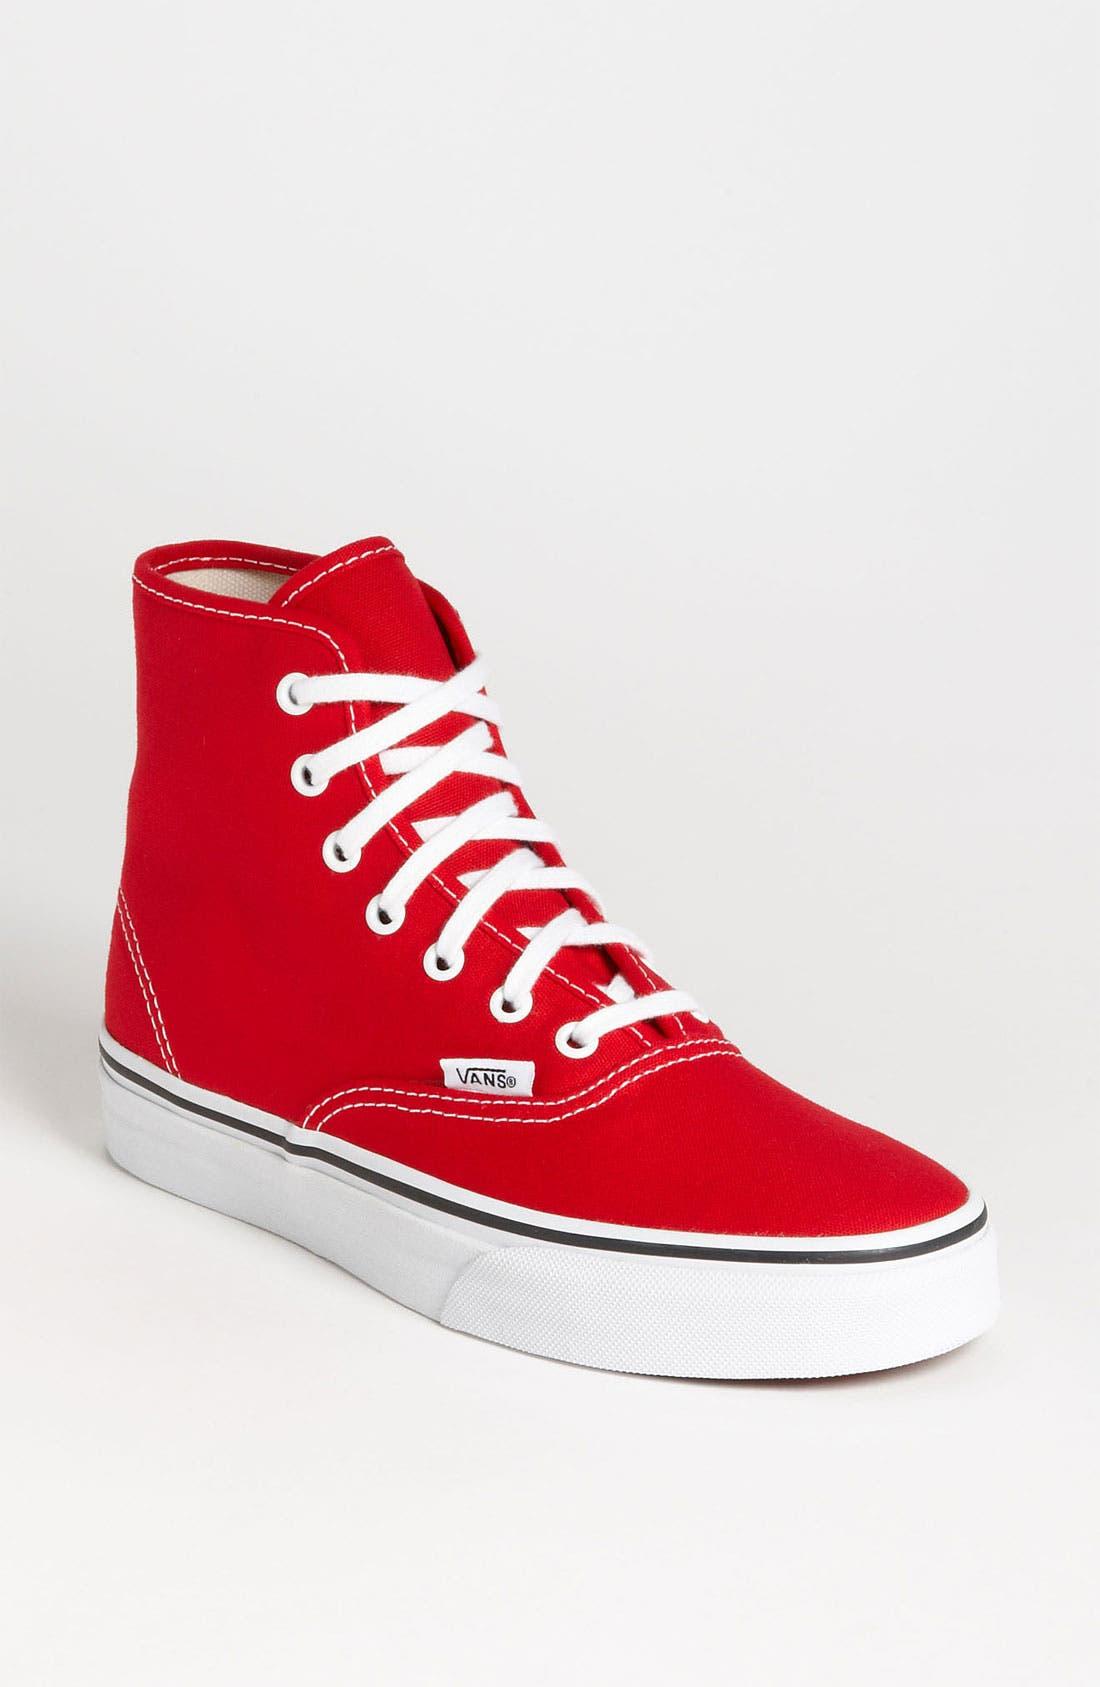 Main Image - Vans 'Authentic - Hi' Sneaker (Women)